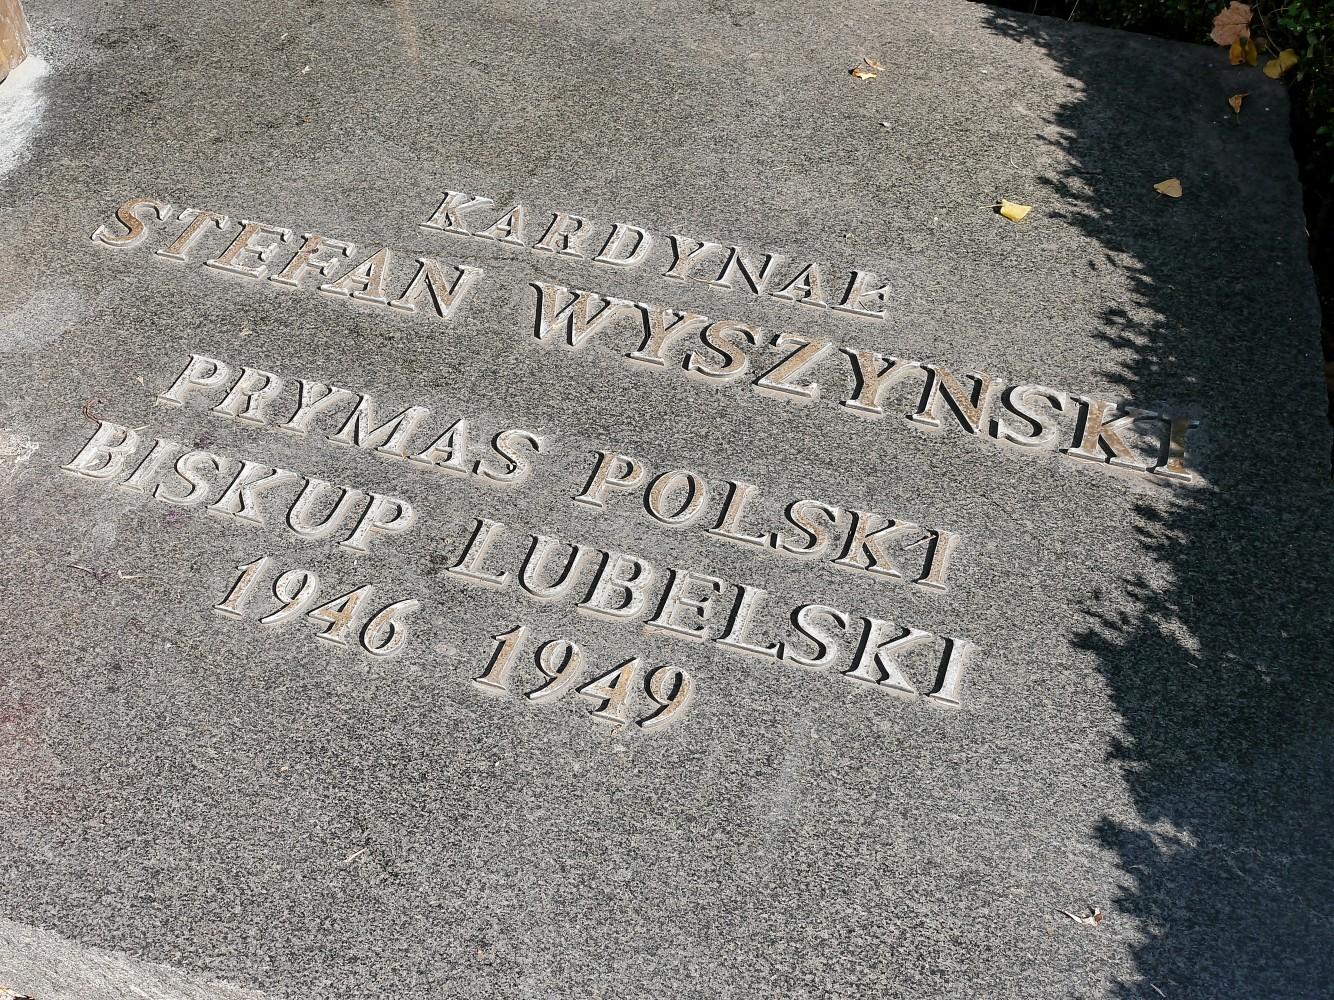 Kliknij obrazek, aby uzyskać większą wersję  Nazwa:Stefan Wyszyński (2).jpg Wyświetleń:27 Rozmiar:748,2 KB ID:232802